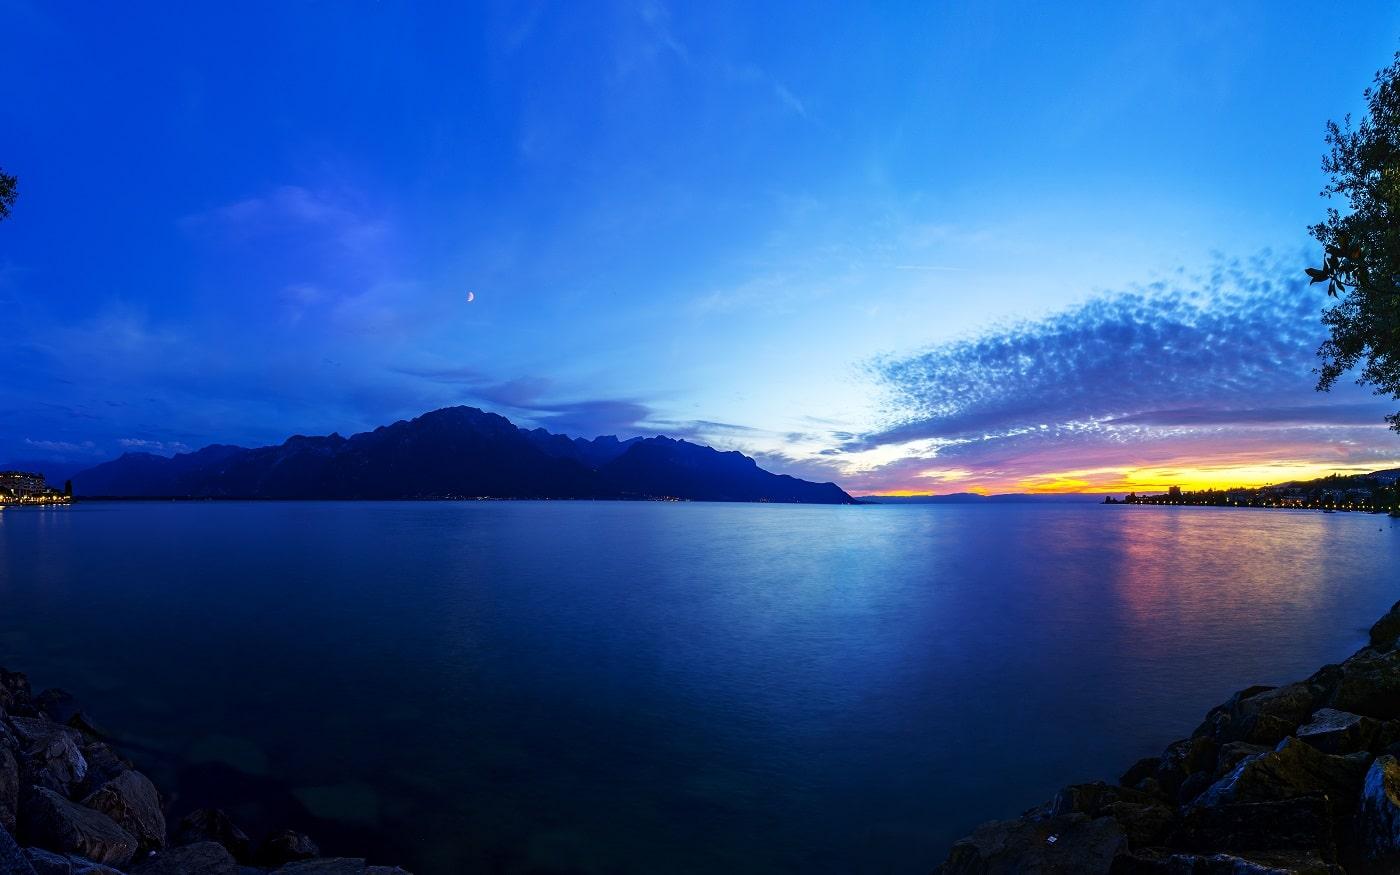 Apele lacului întregesc peisajul